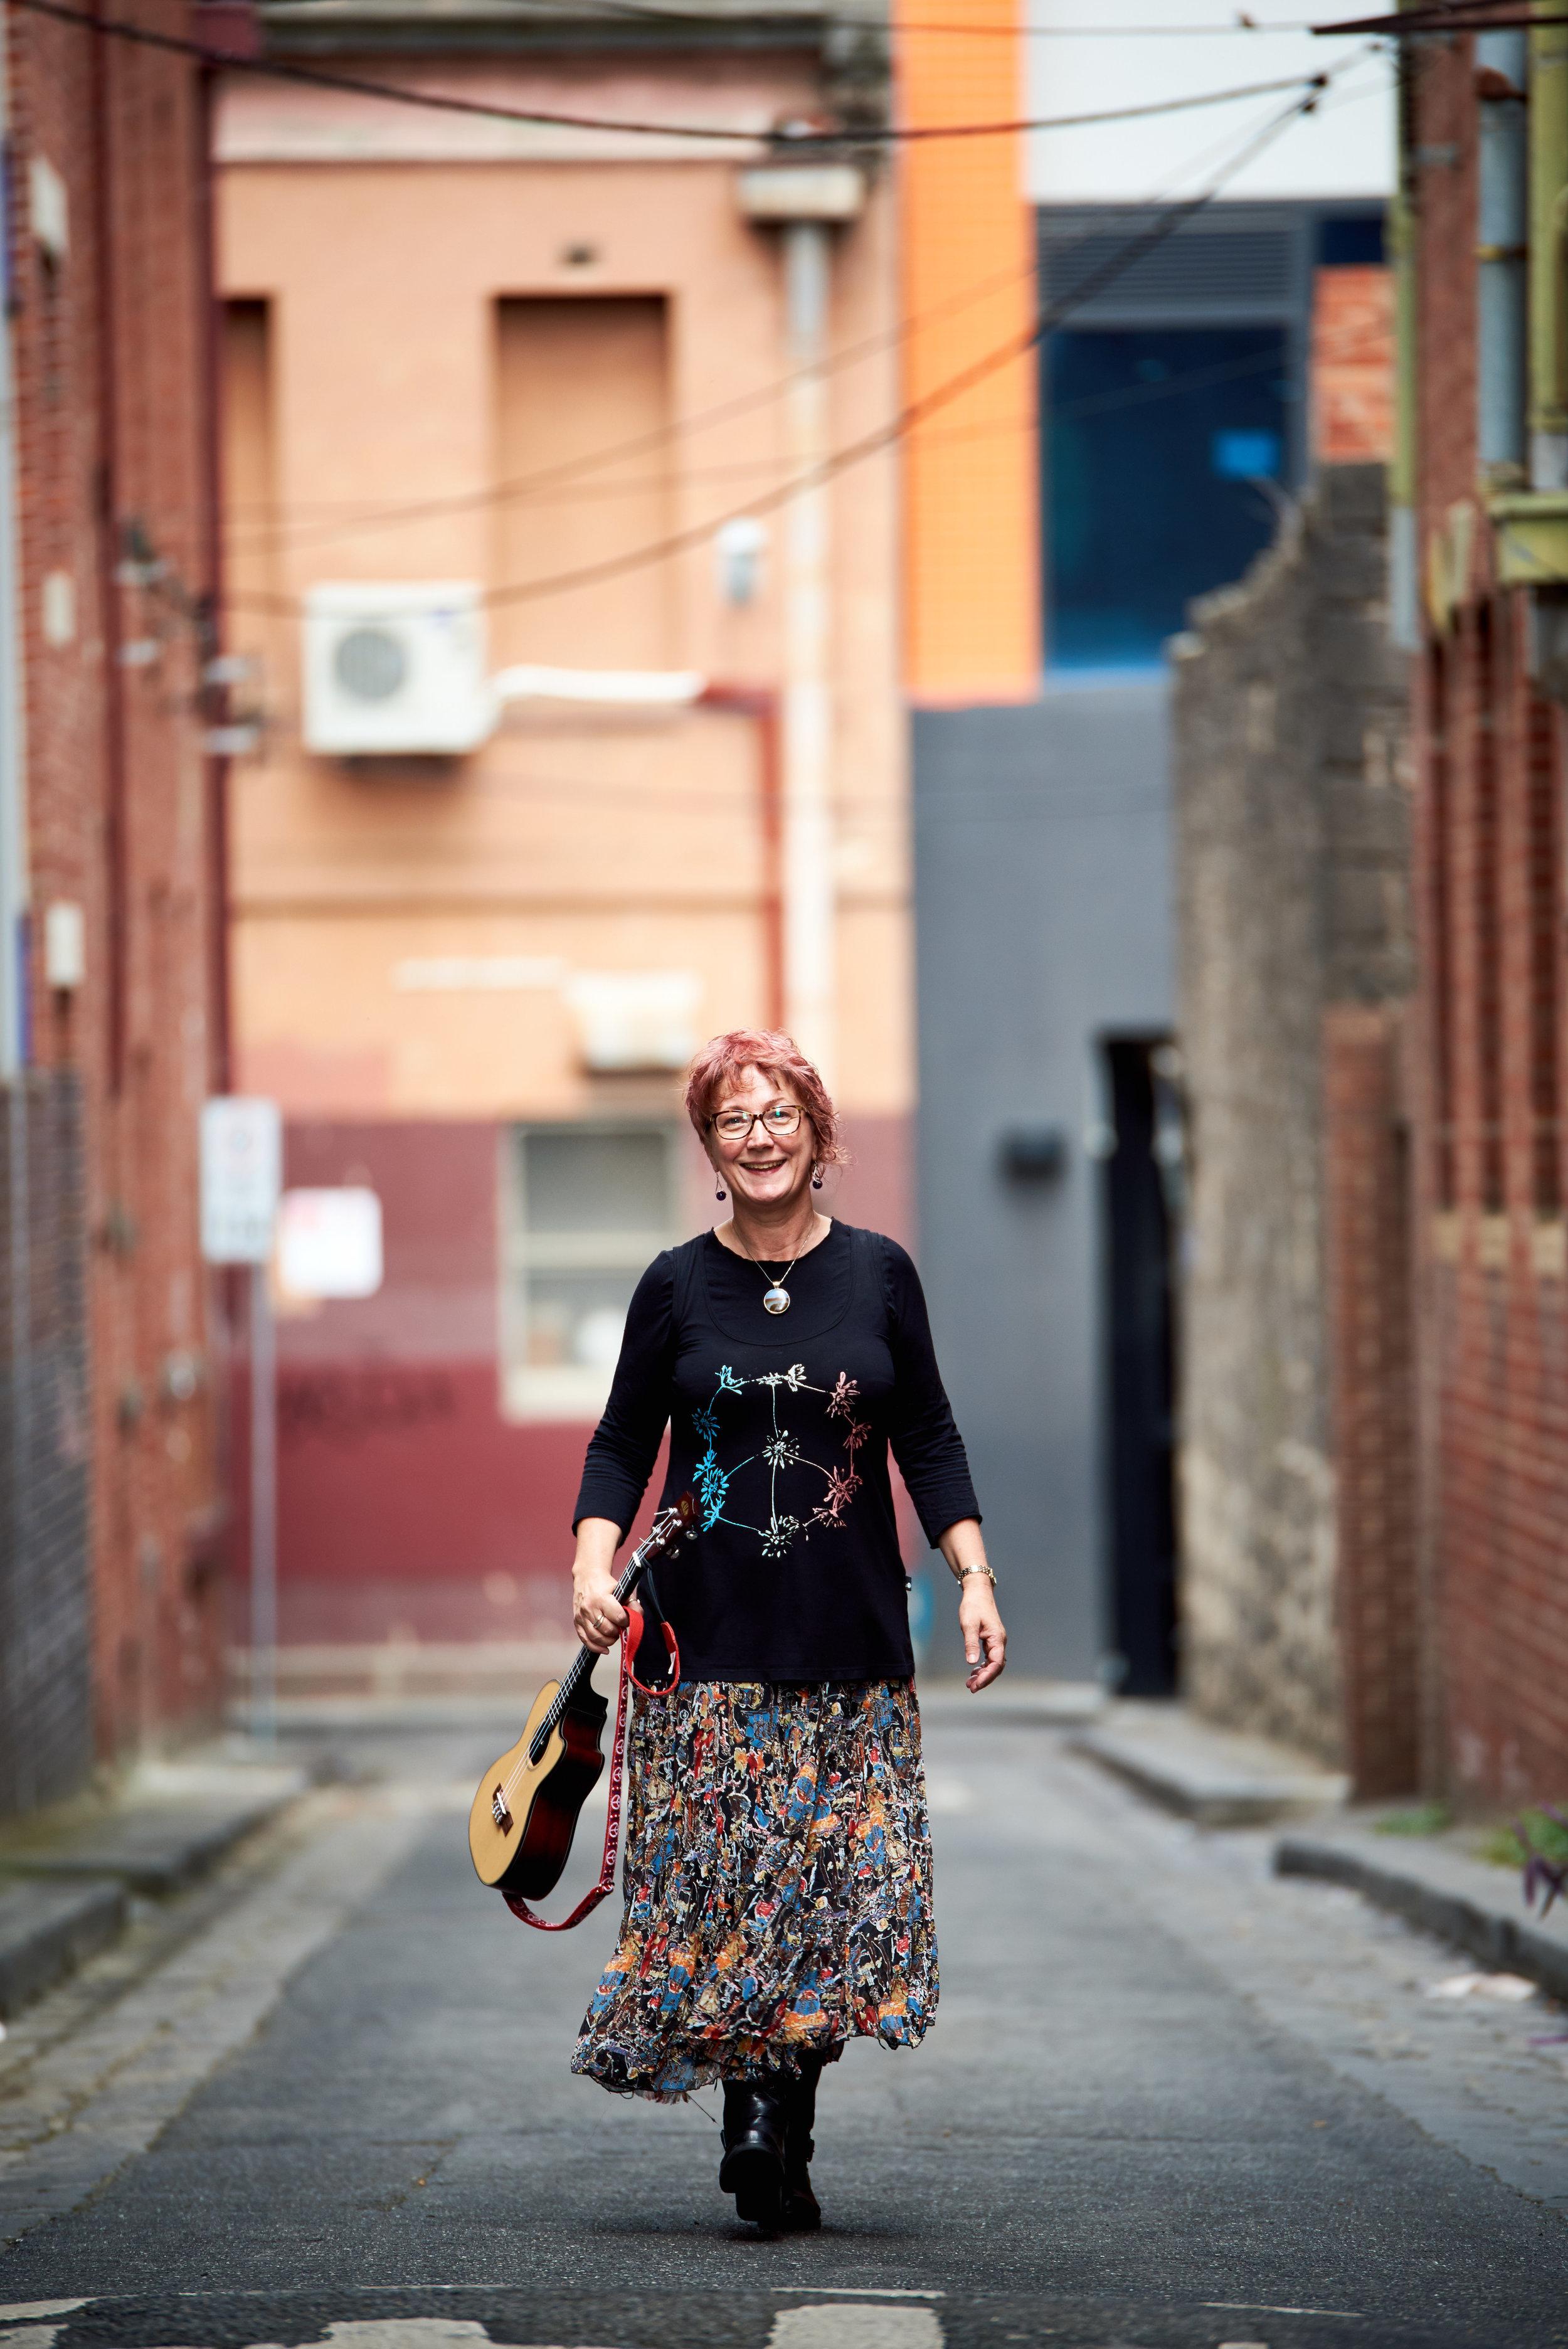 Portrait of Tina walking in Melbourne laneway holding ukulele